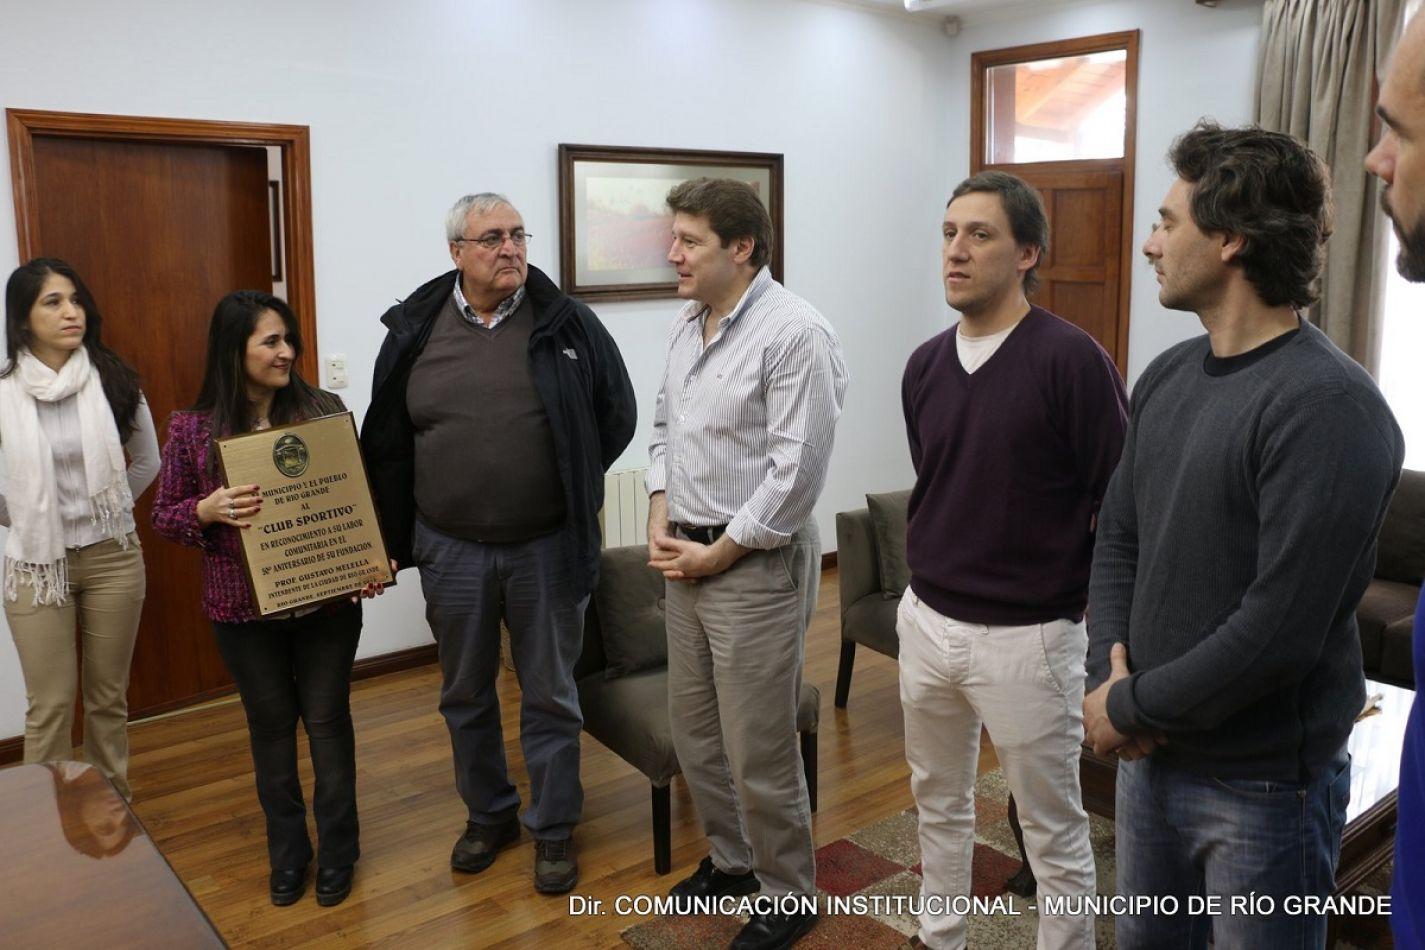 Reconocieron al Club Sportivo de Río Grande